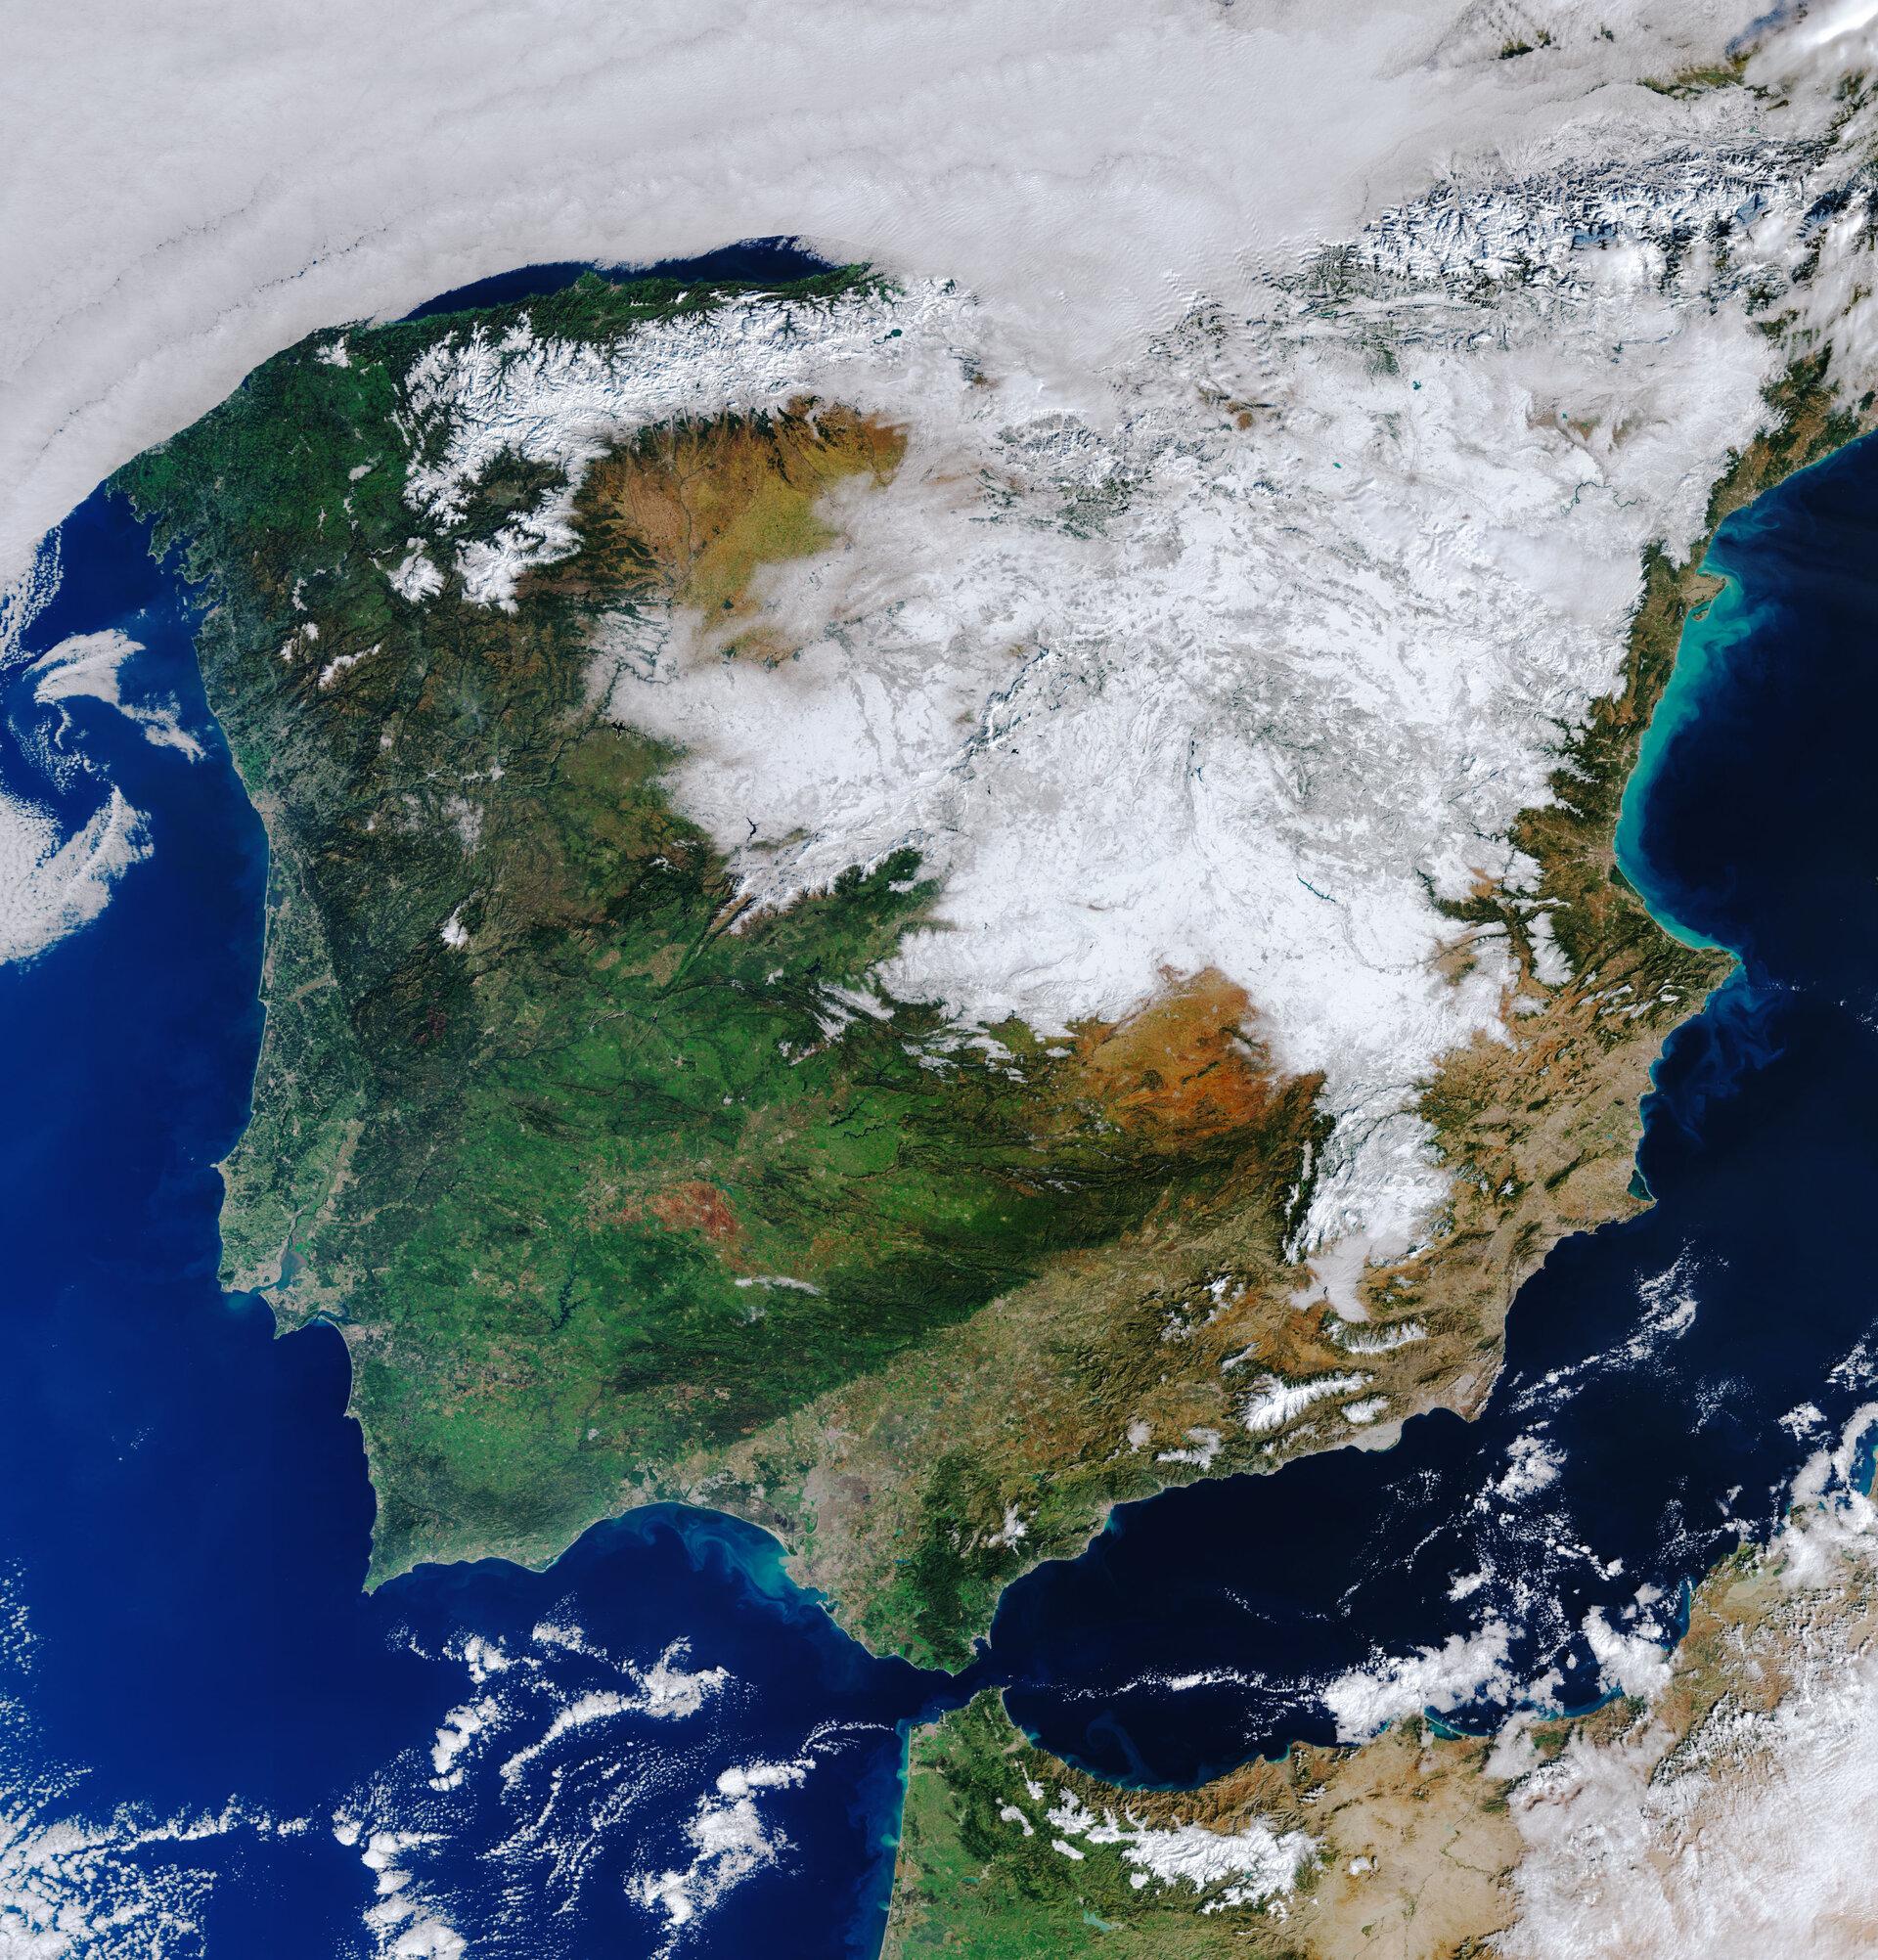 Neu de Filomena sobre Espanya, 12 de gener de 2021, satèl·lit Copernicus Sentinel-3, ESA